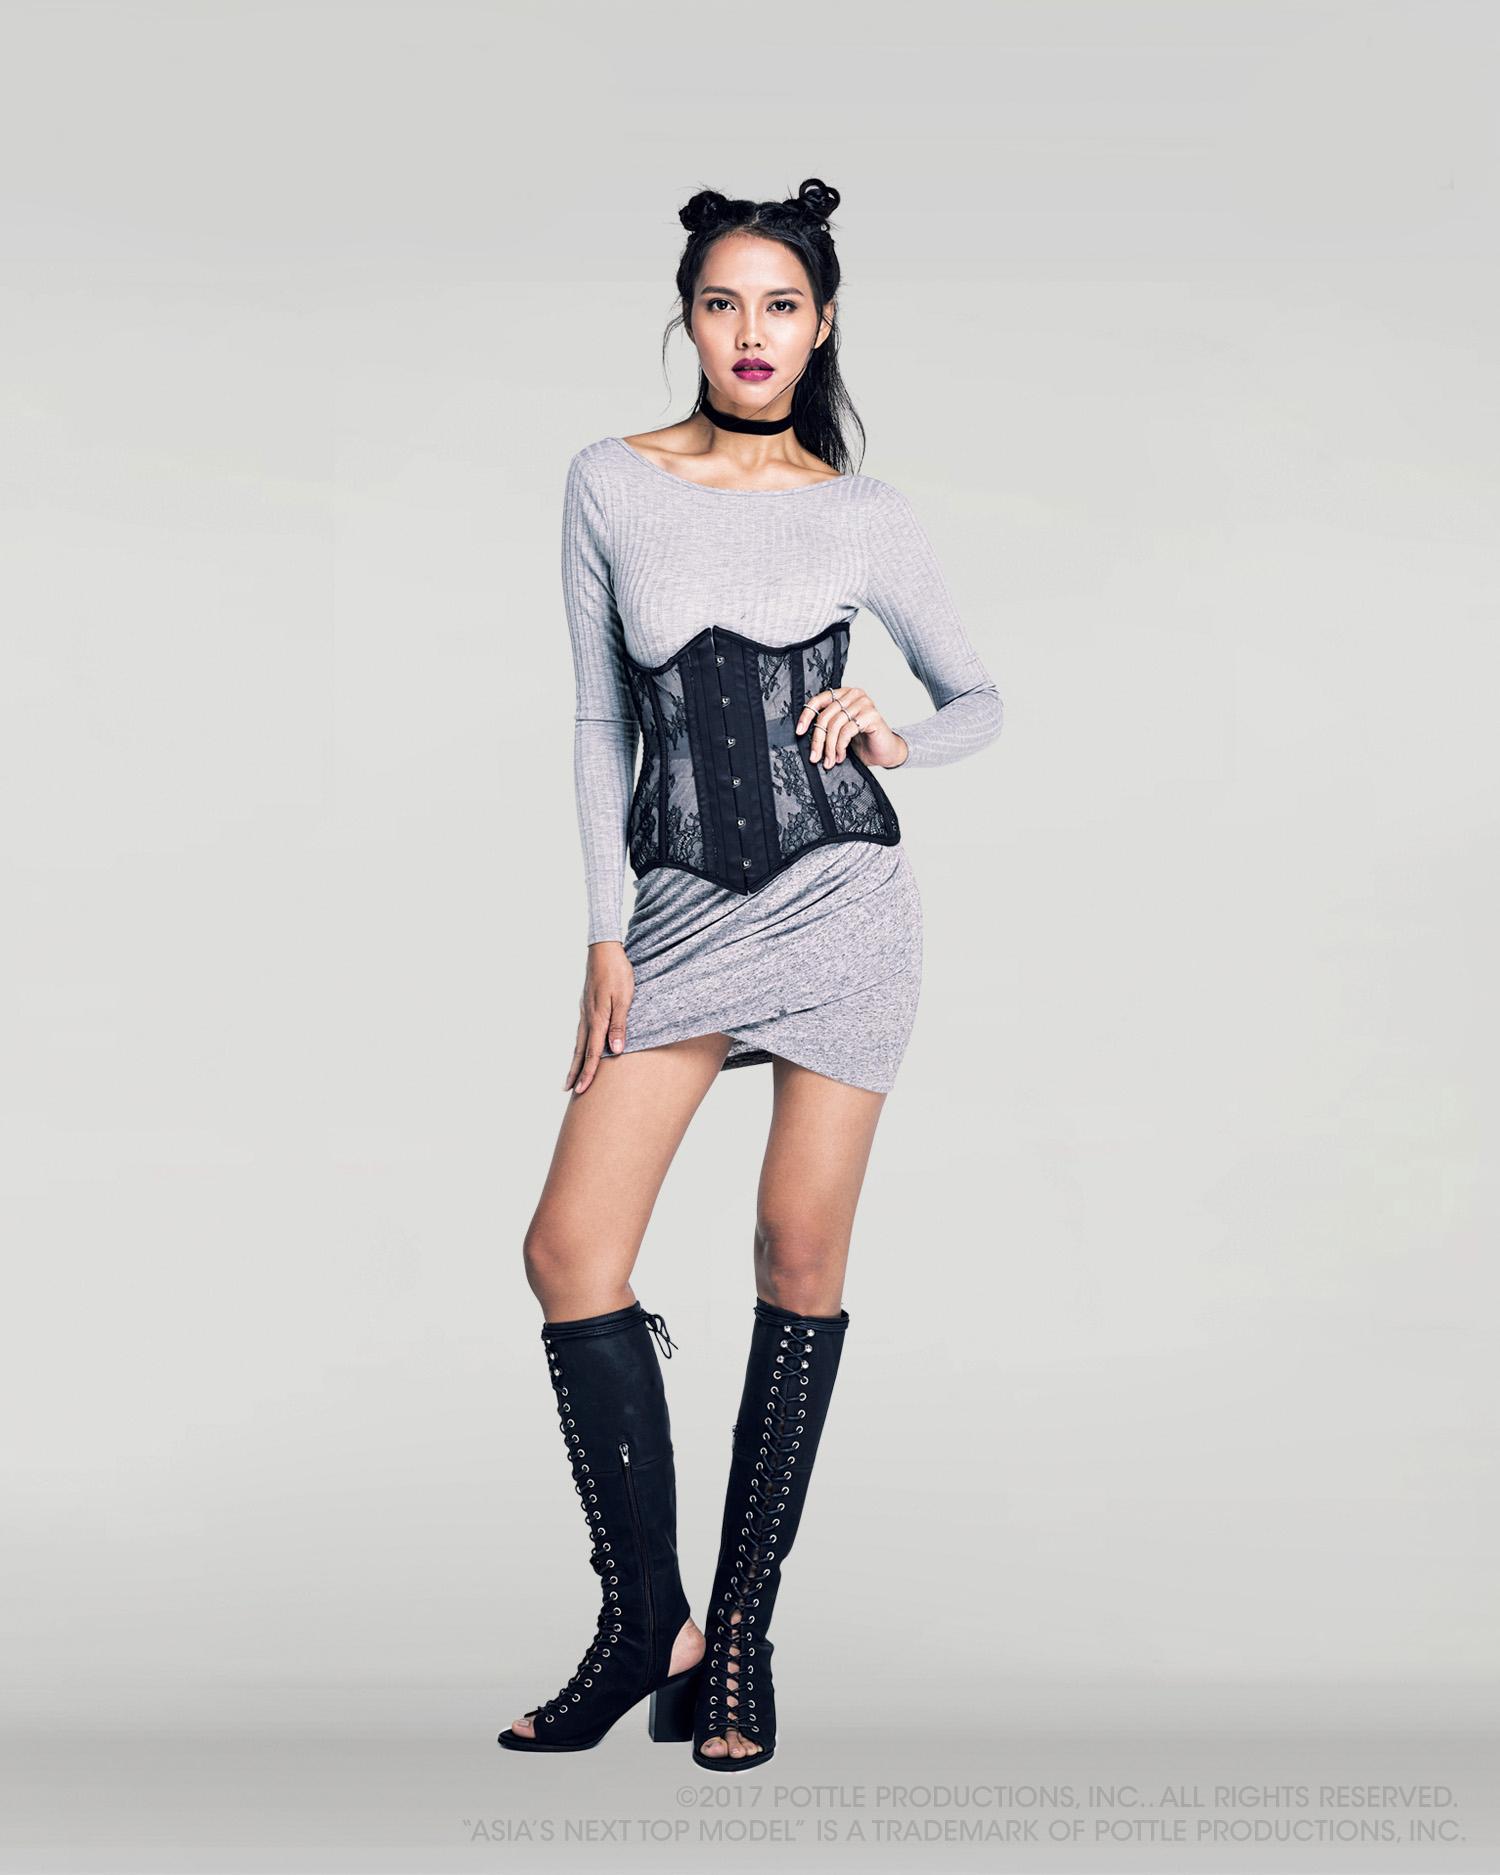 Chính thức: Minh Tú là đại diện Việt Nam tại Asias Next Top Model! - Ảnh 20.